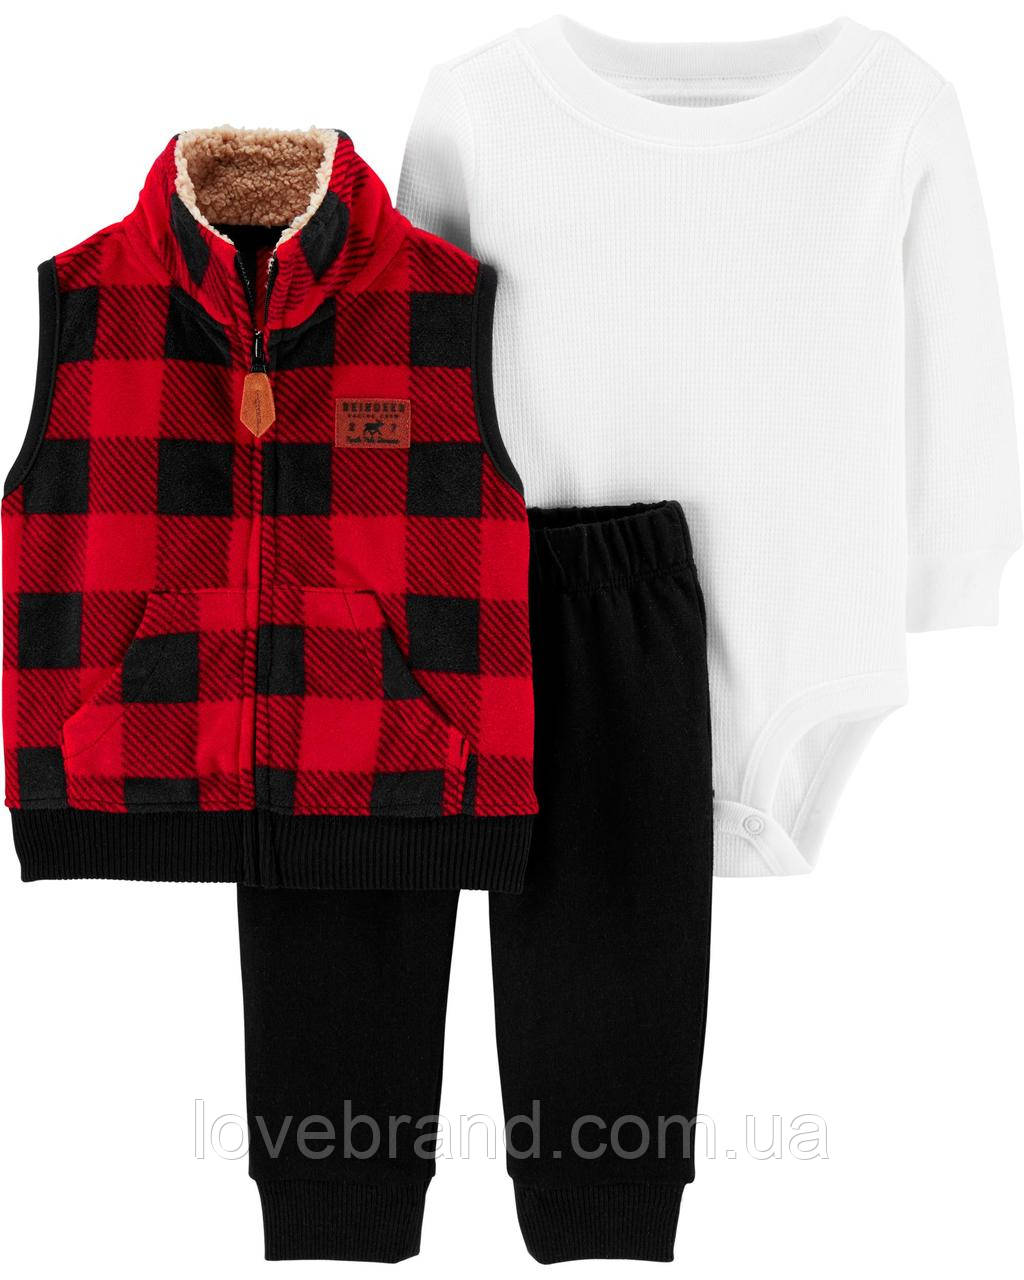 """Набор флисовая жилетка + боди + штаны Carter's для мальчика """"Красная клетка"""" костюм картерс для малыша"""